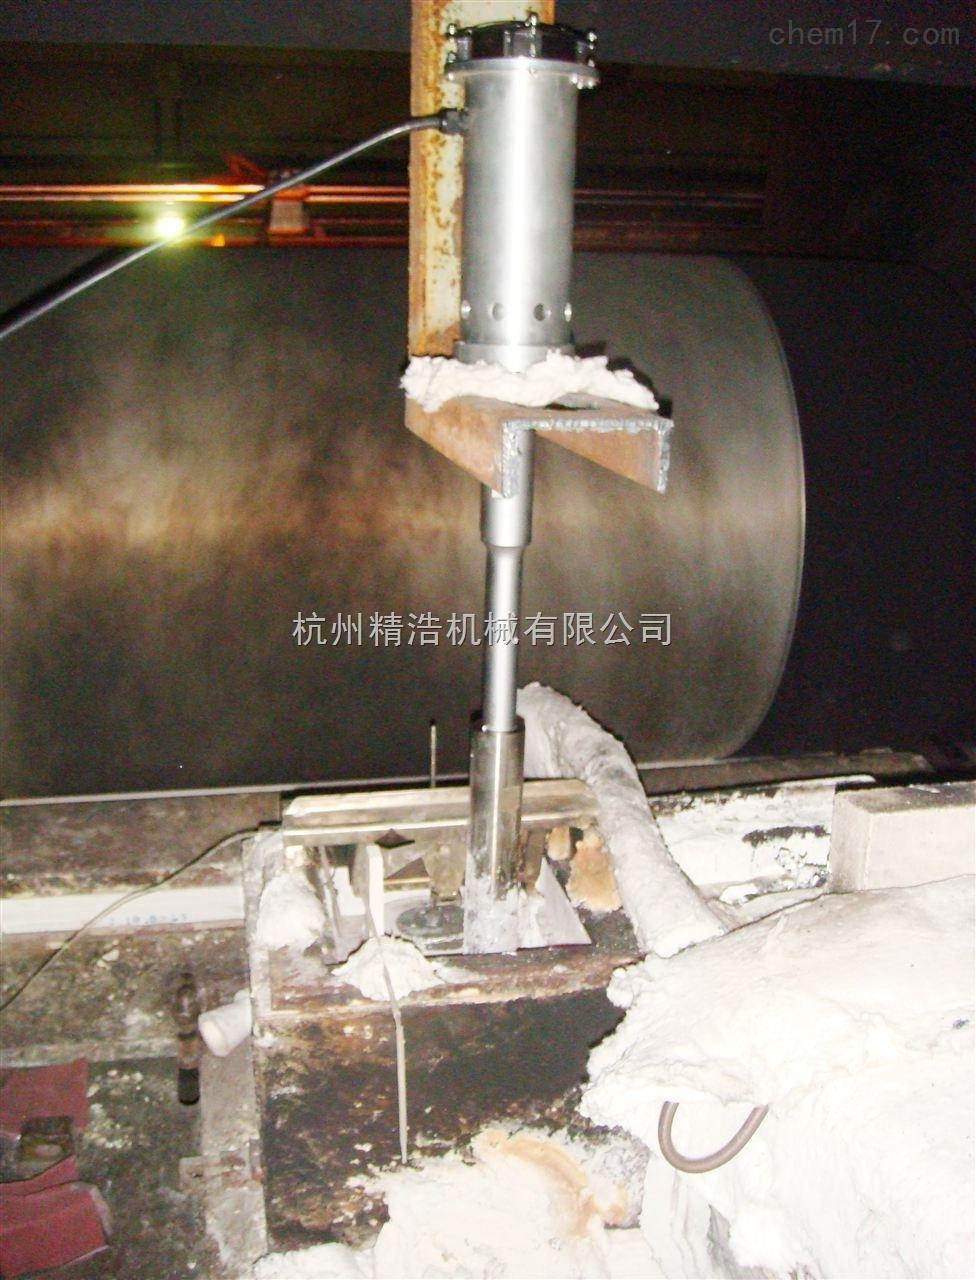 定制超声波镁铝溶体结晶细化处理设备